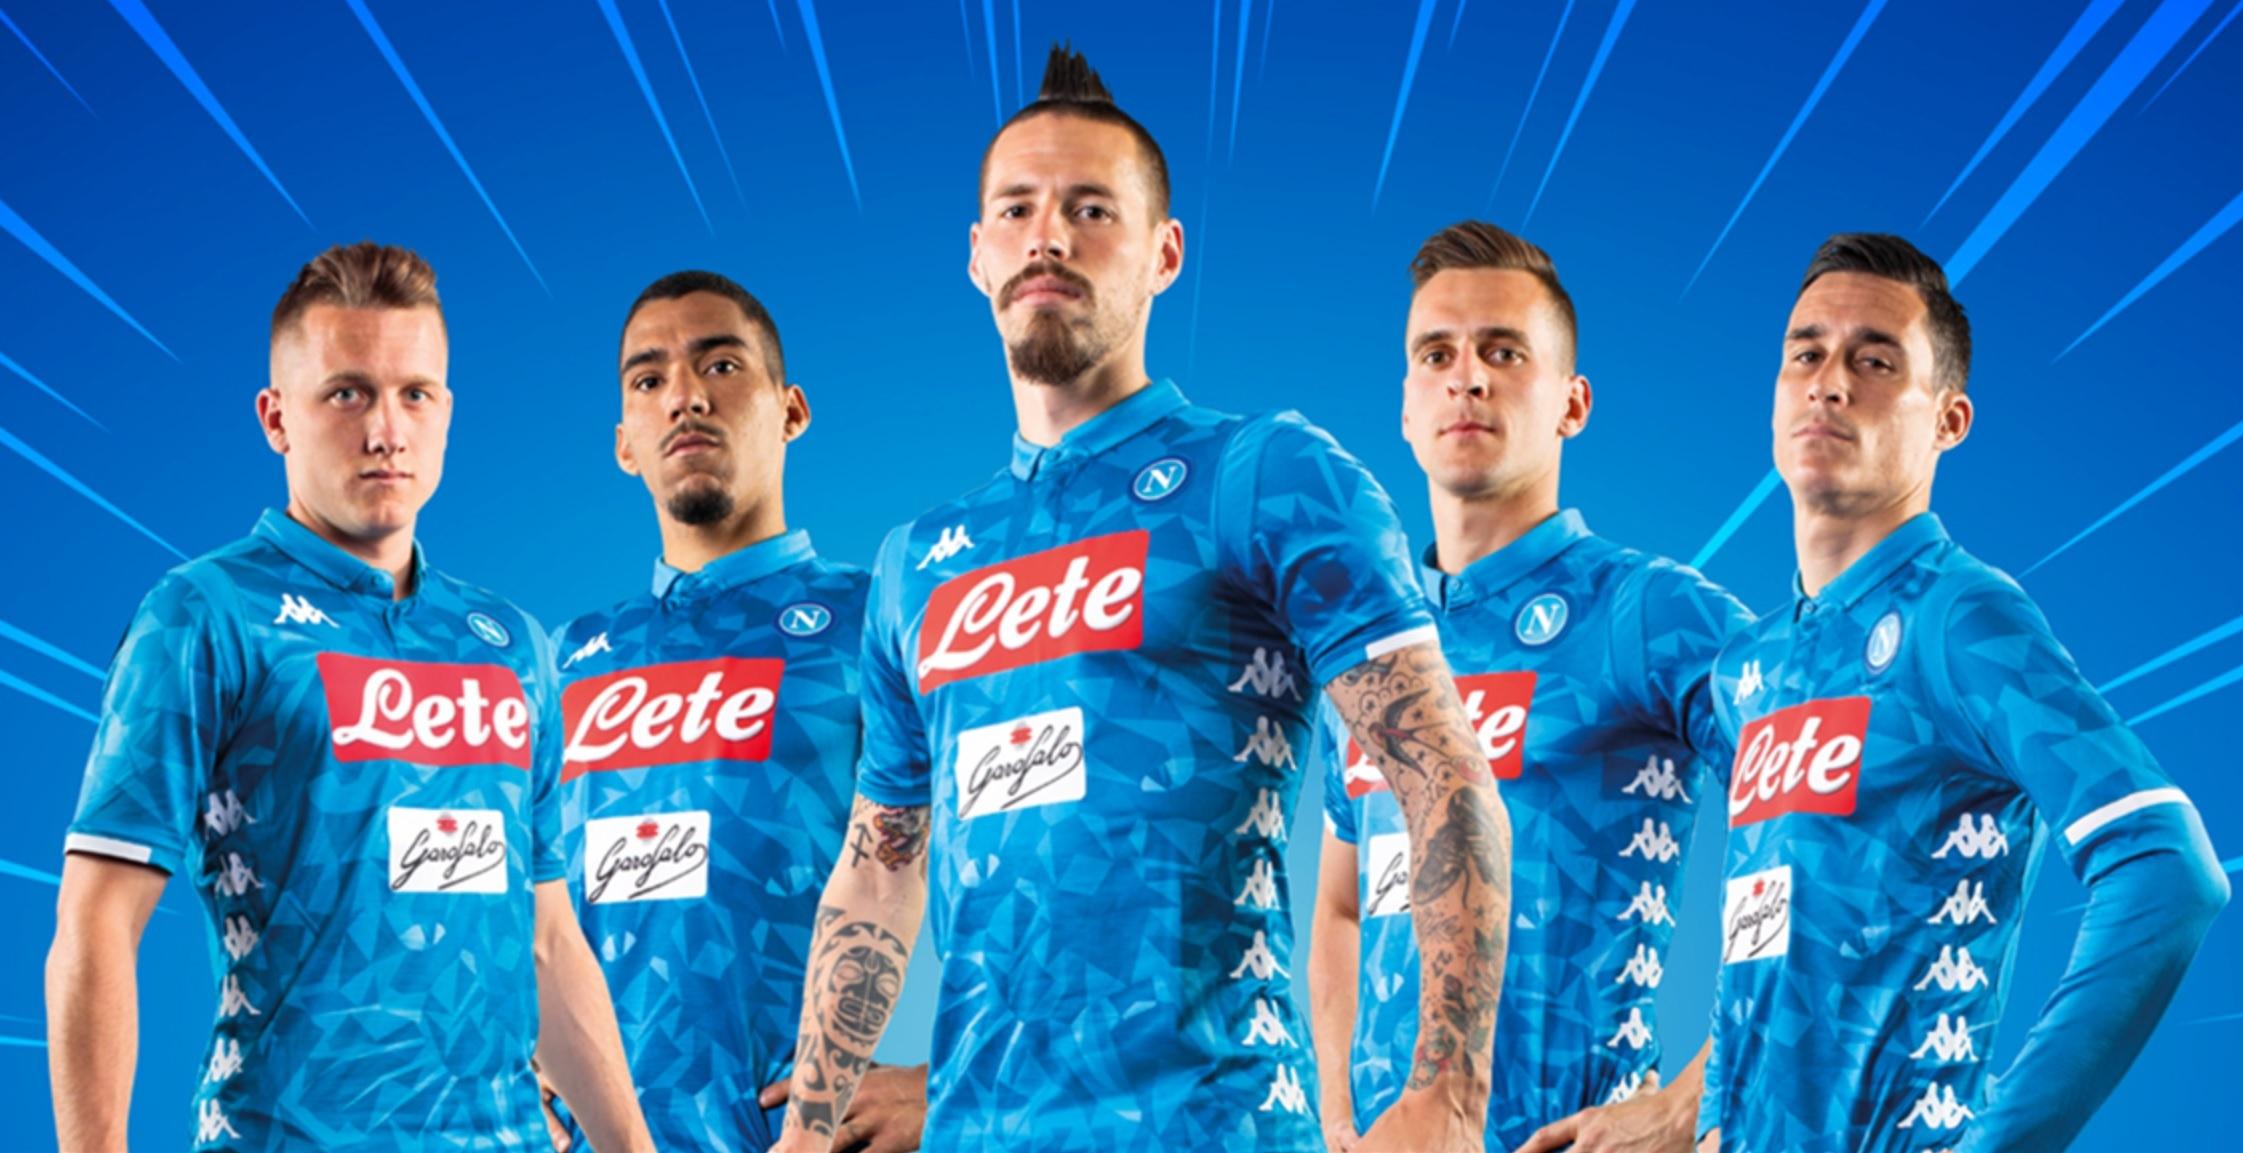 Napoli lança nova camisa ousada e divide opiniões  6a929776cf8d2